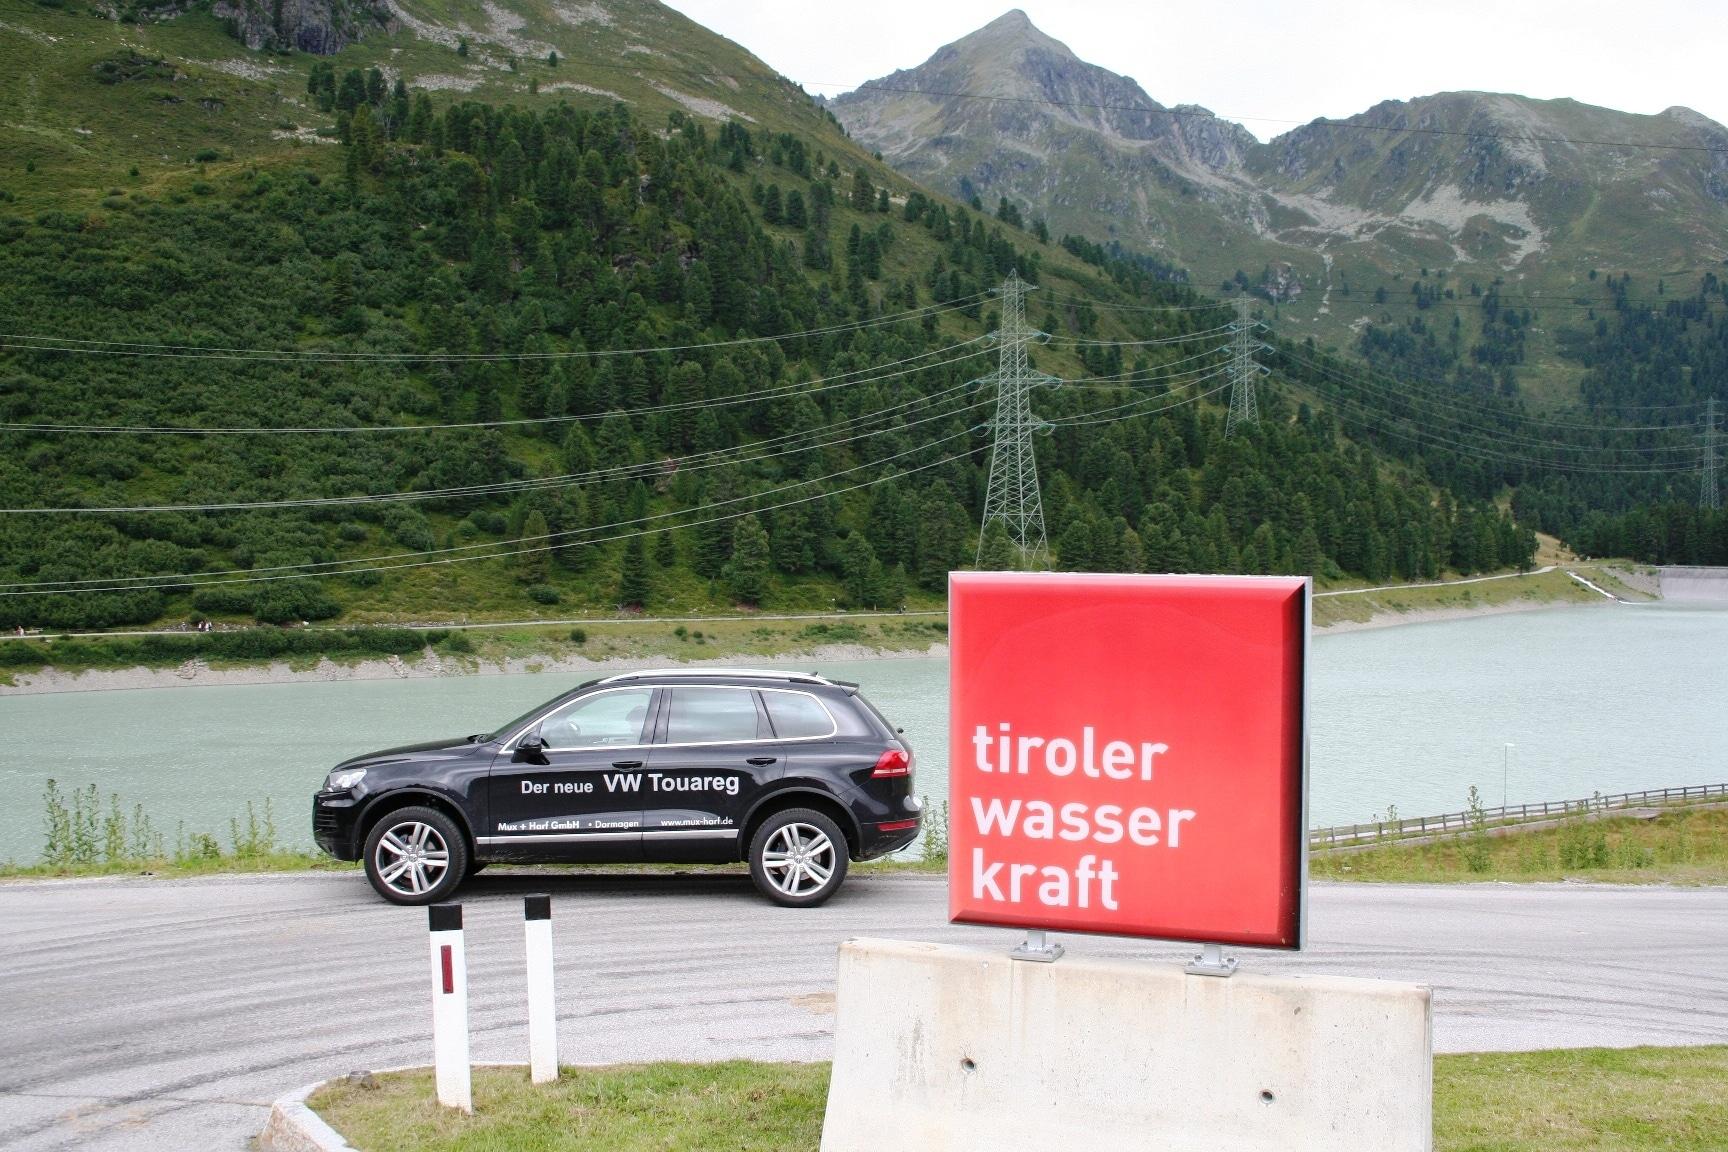 Touareg Tirol 2010 020